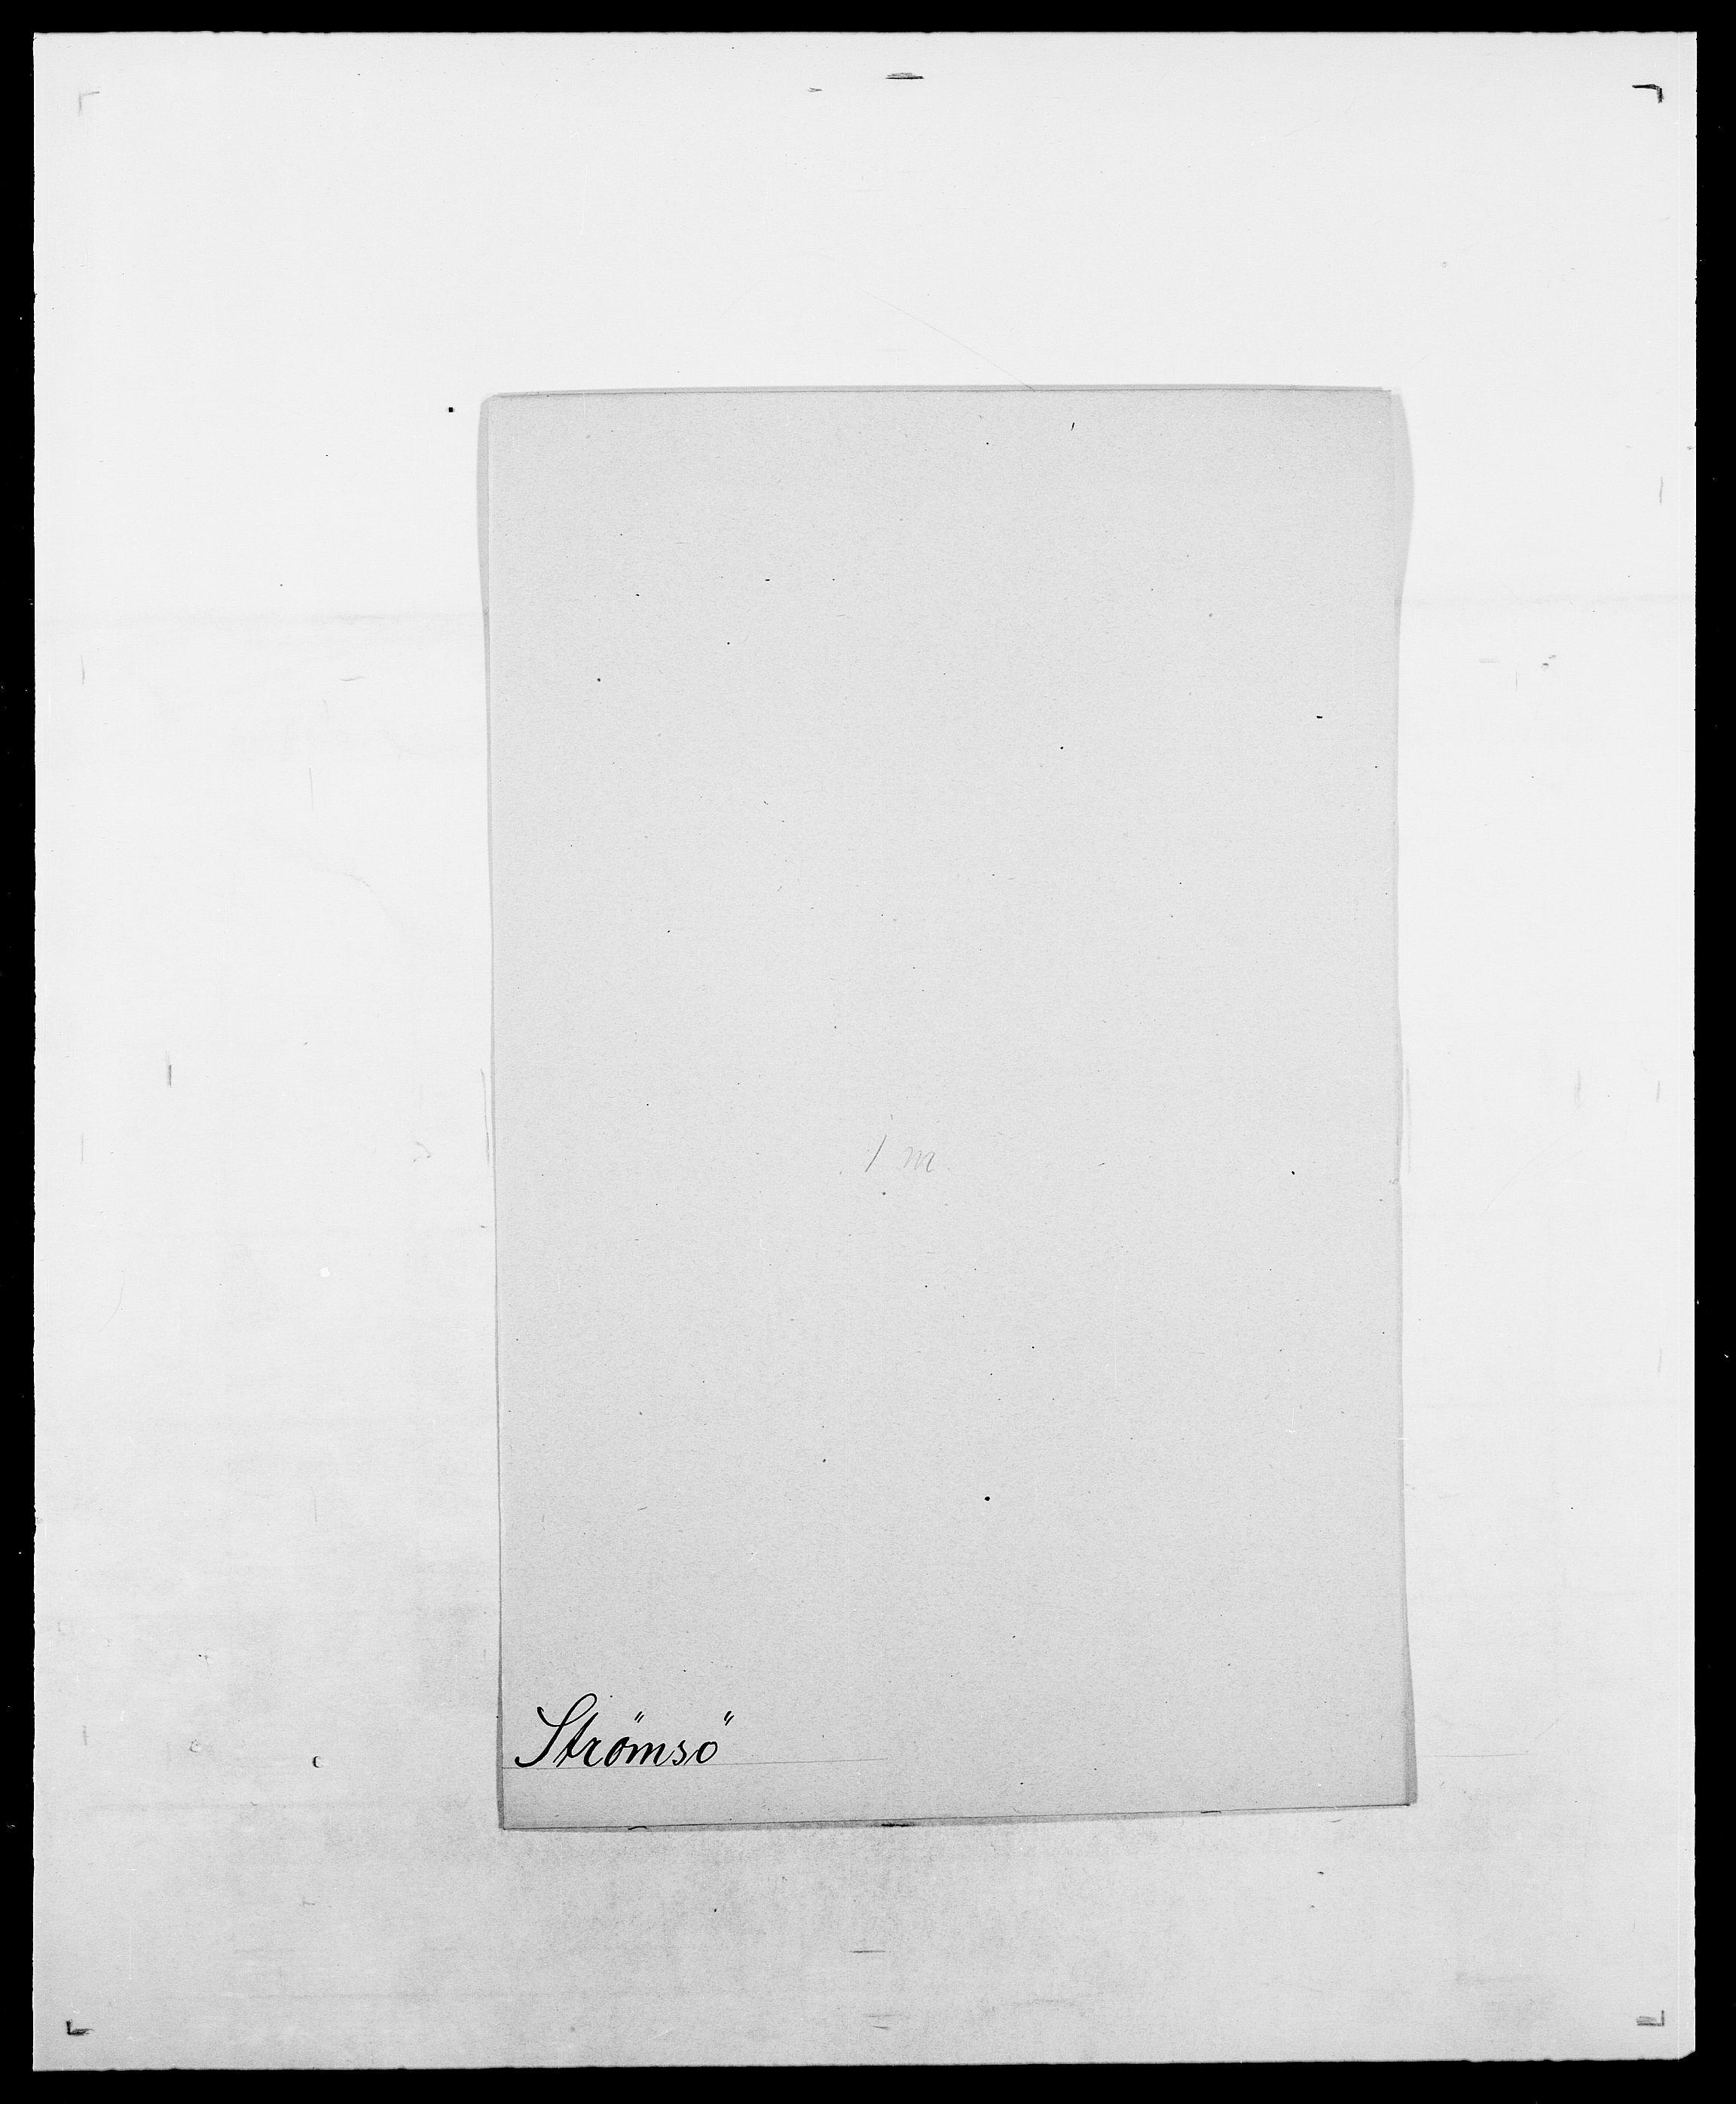 SAO, Delgobe, Charles Antoine - samling, D/Da/L0037: Steen, Sthen, Stein - Svare, Svanige, Svanne, se også Svanning og Schwane, s. 716